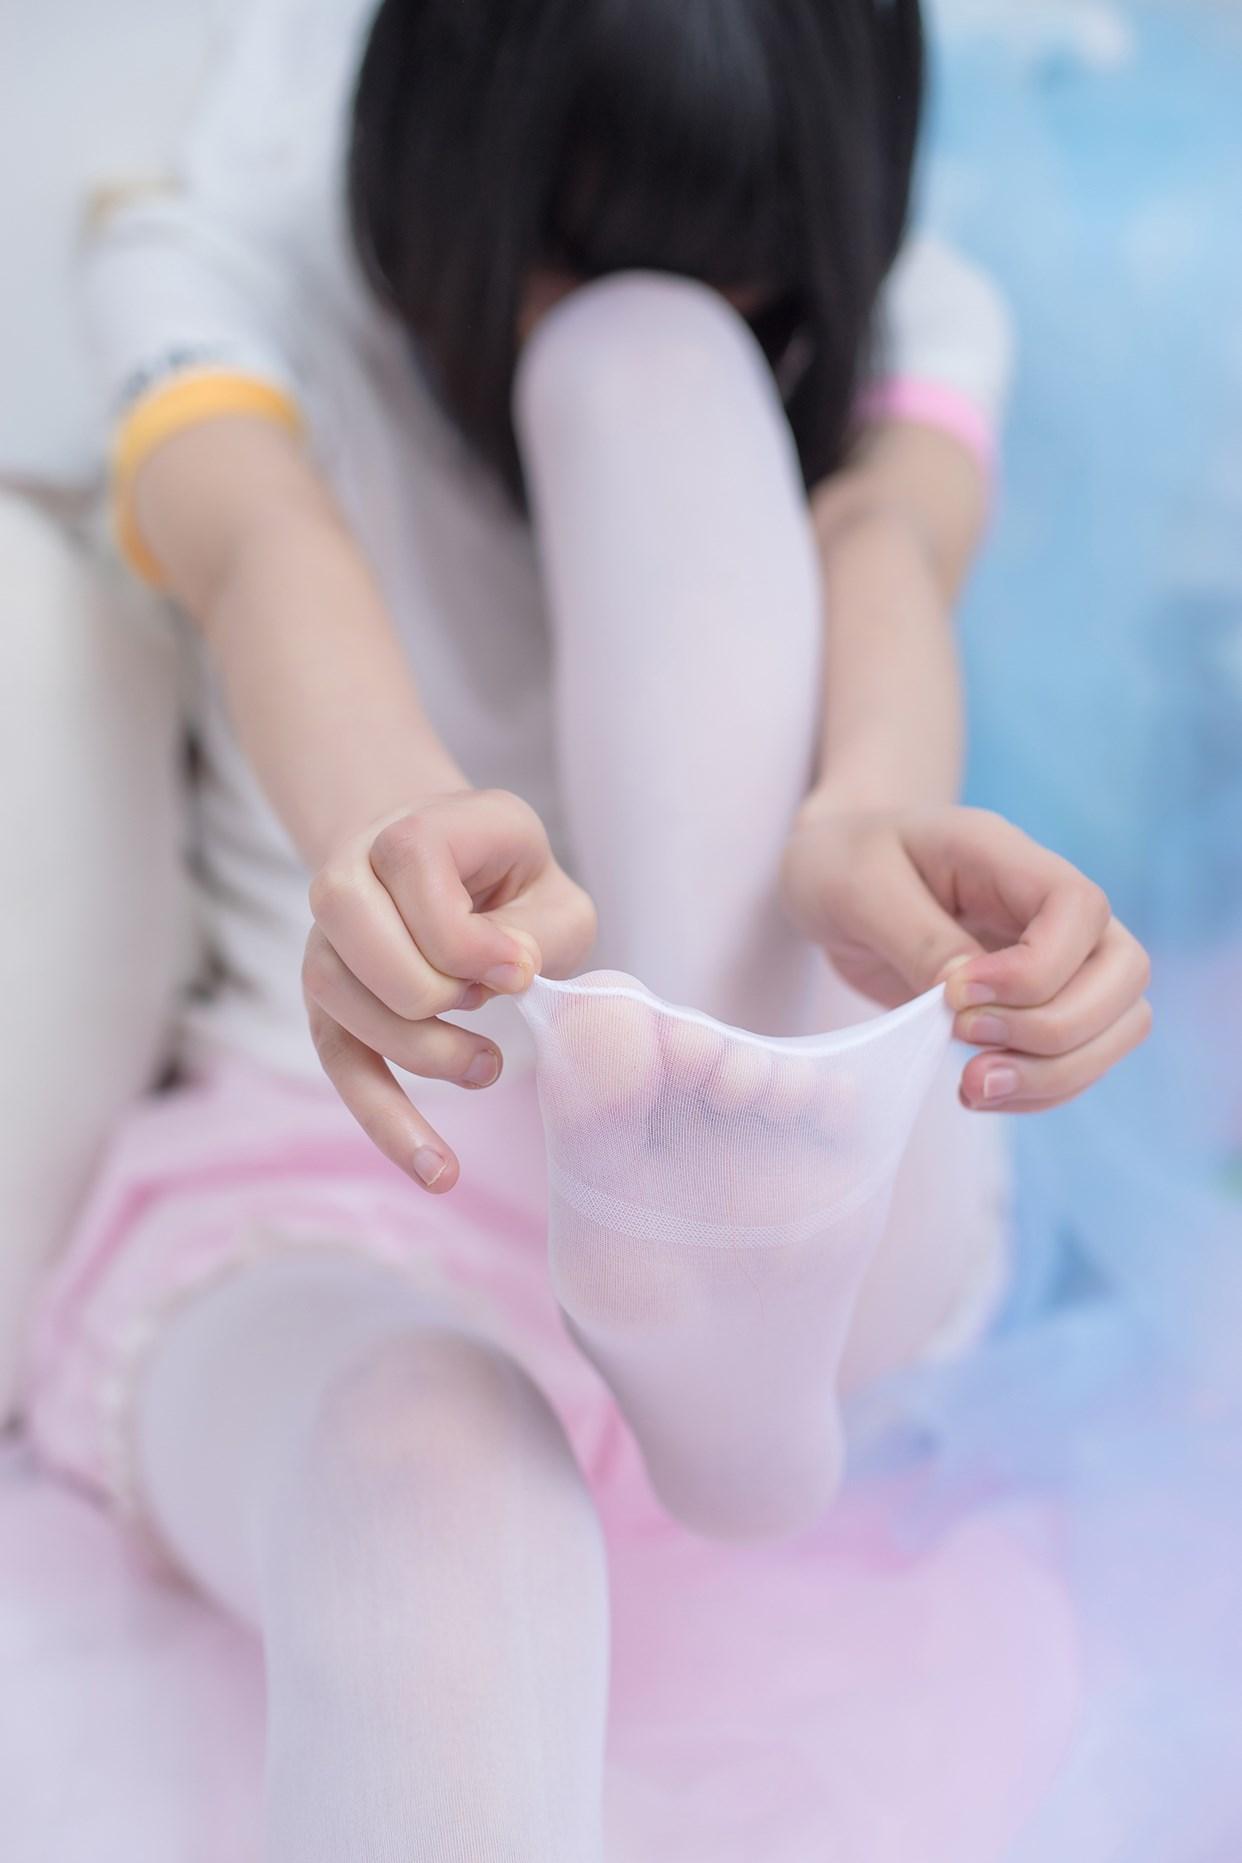 【兔玩映画】少女的卧室 兔玩映画 第4张